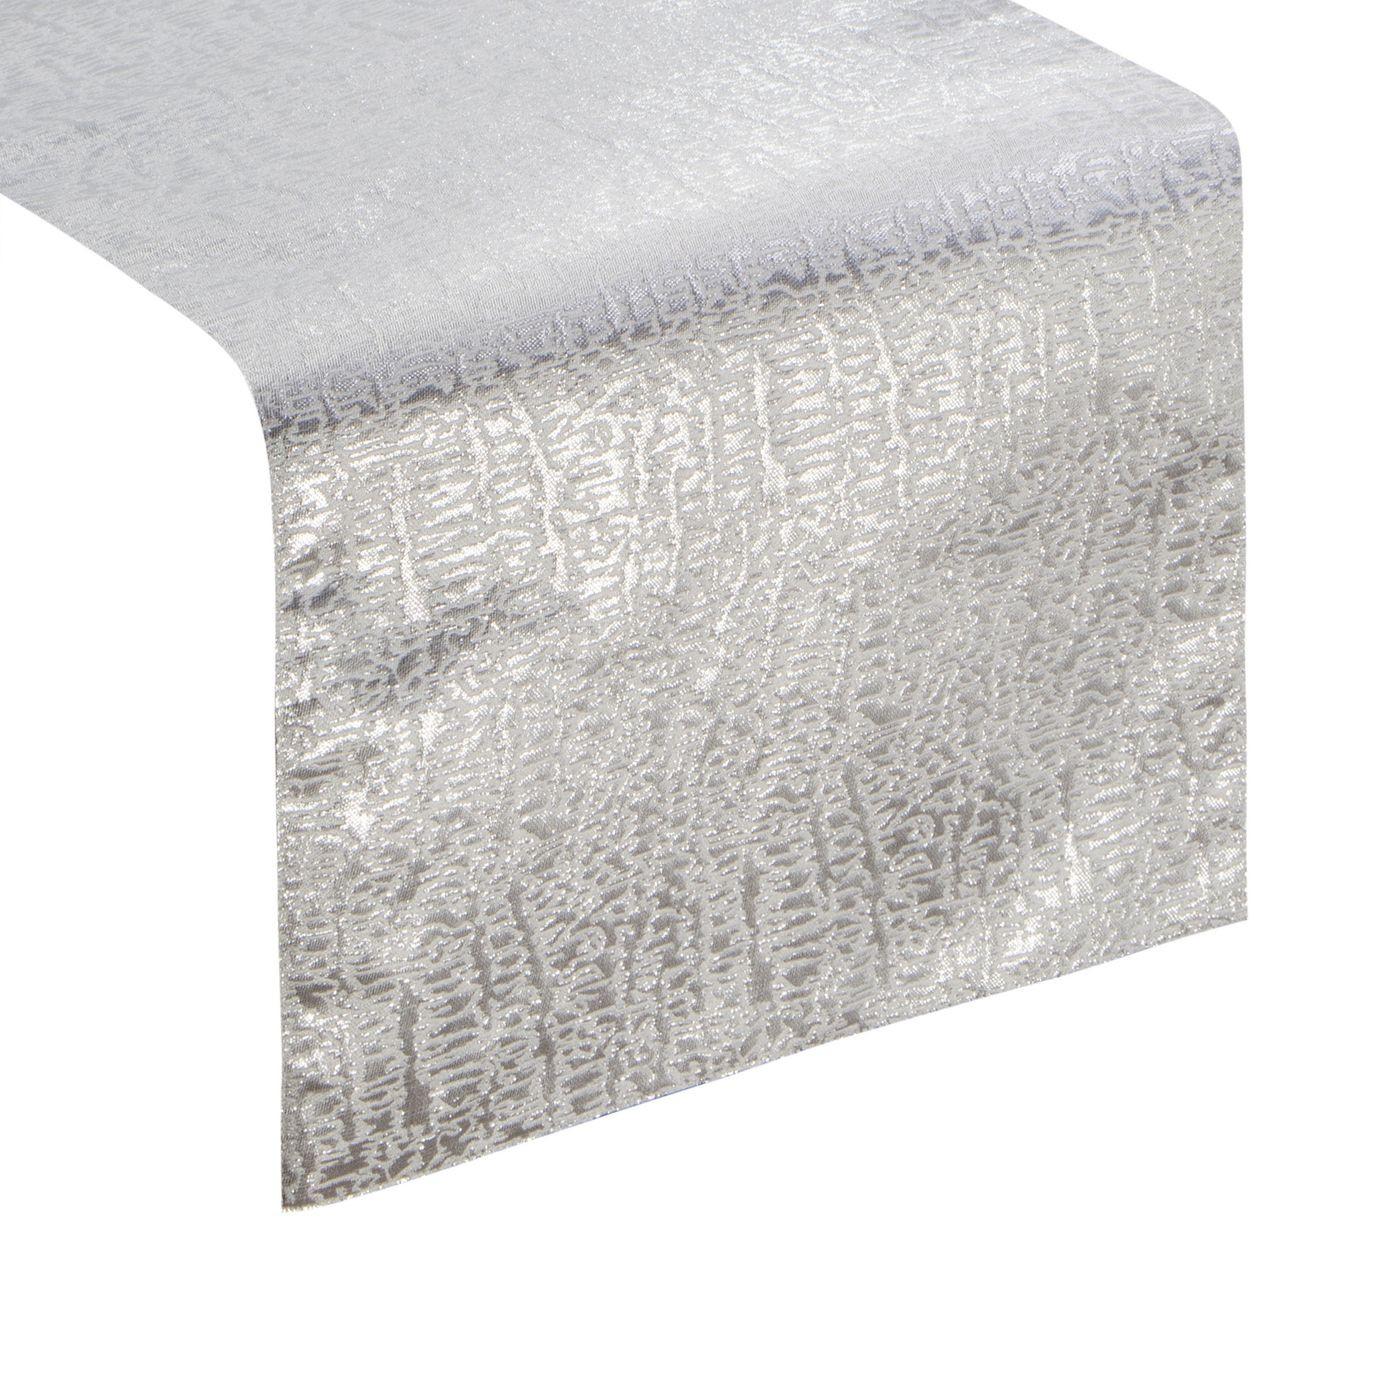 Biały bieżnik na stół ze srebrnym wzorem 35x140 cm